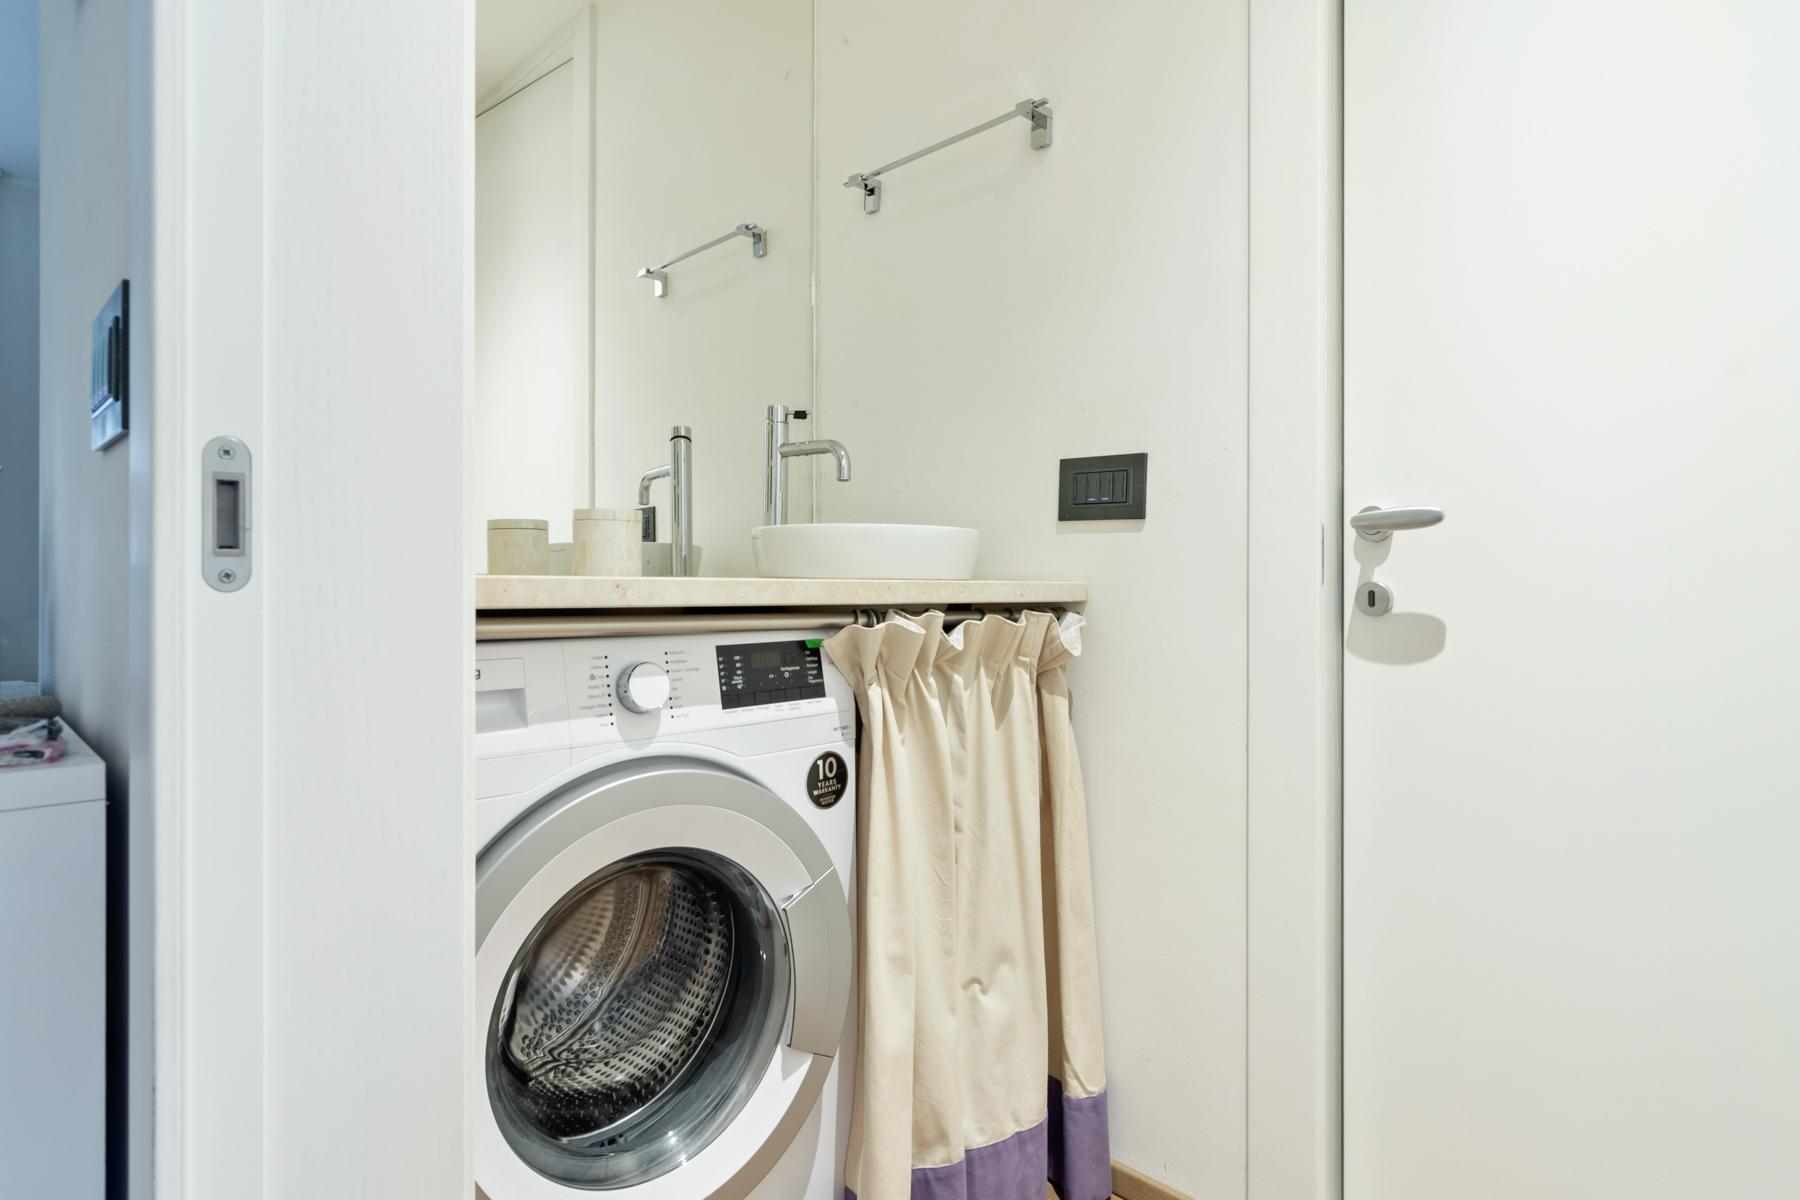 Appartamento in Vendita a Santa Margherita Ligure: 4 locali, 124 mq - Foto 18